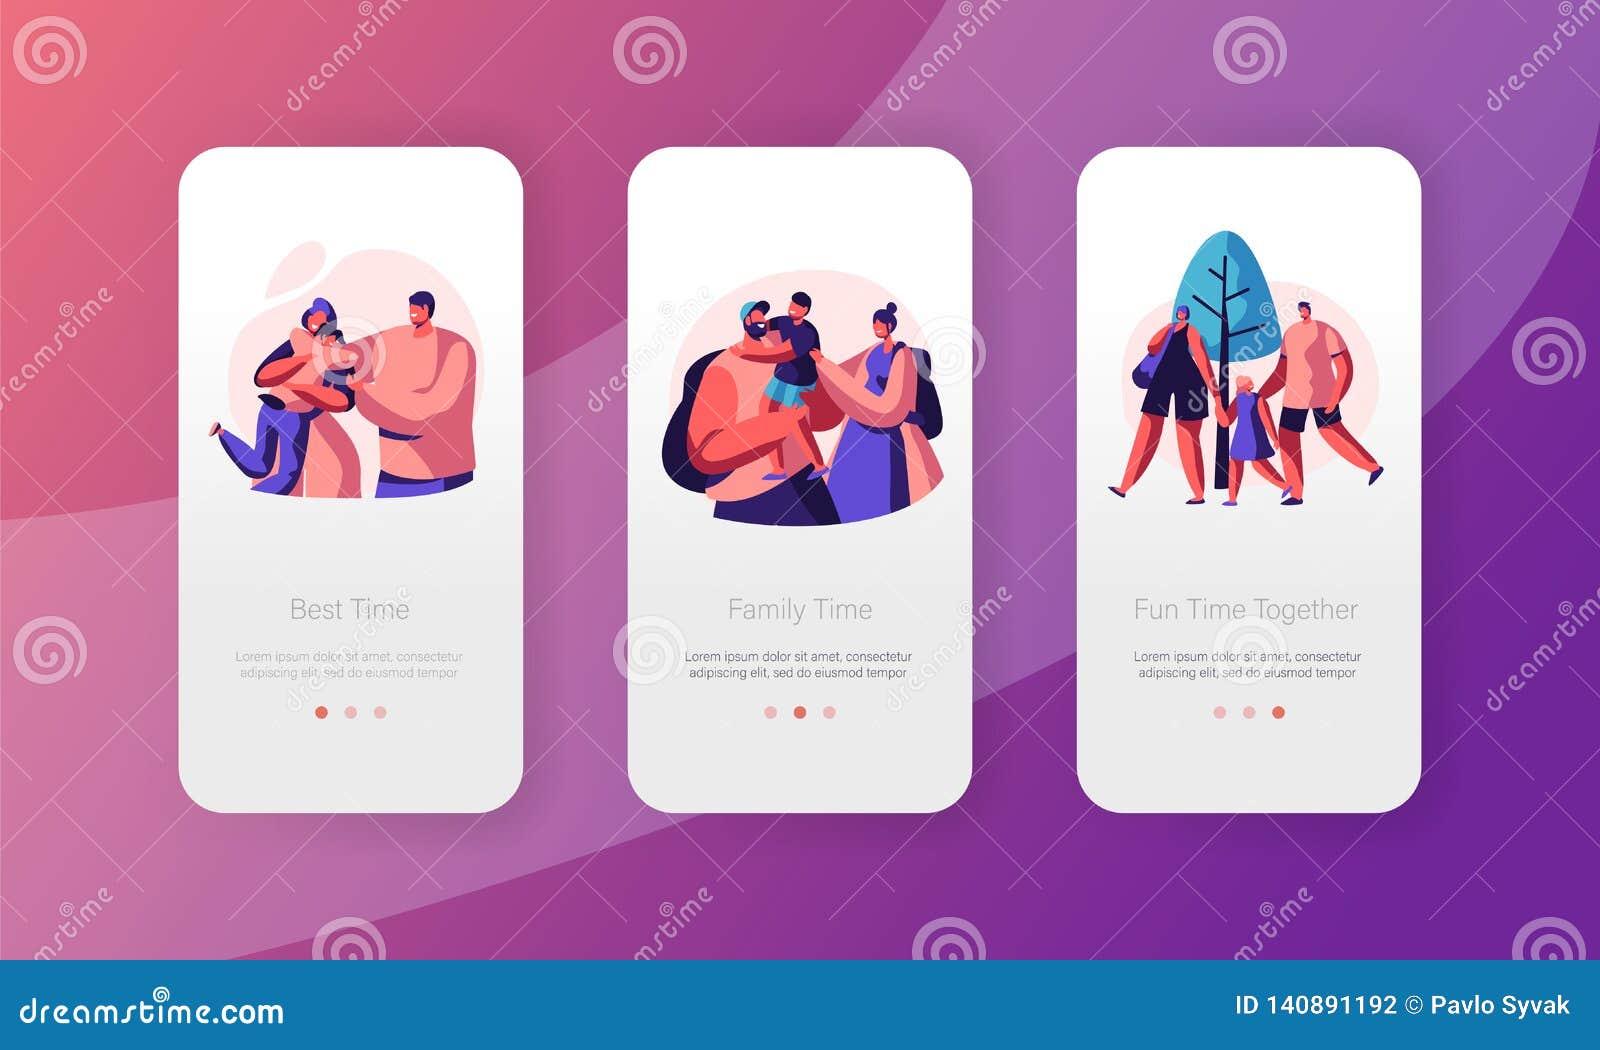 Glückliche Familien-Leute bewegliche App-Seite an Bord des Schirm-Satzes Vati-Mutter-und Sohn-Charakter-Verhältnis Elternteil und